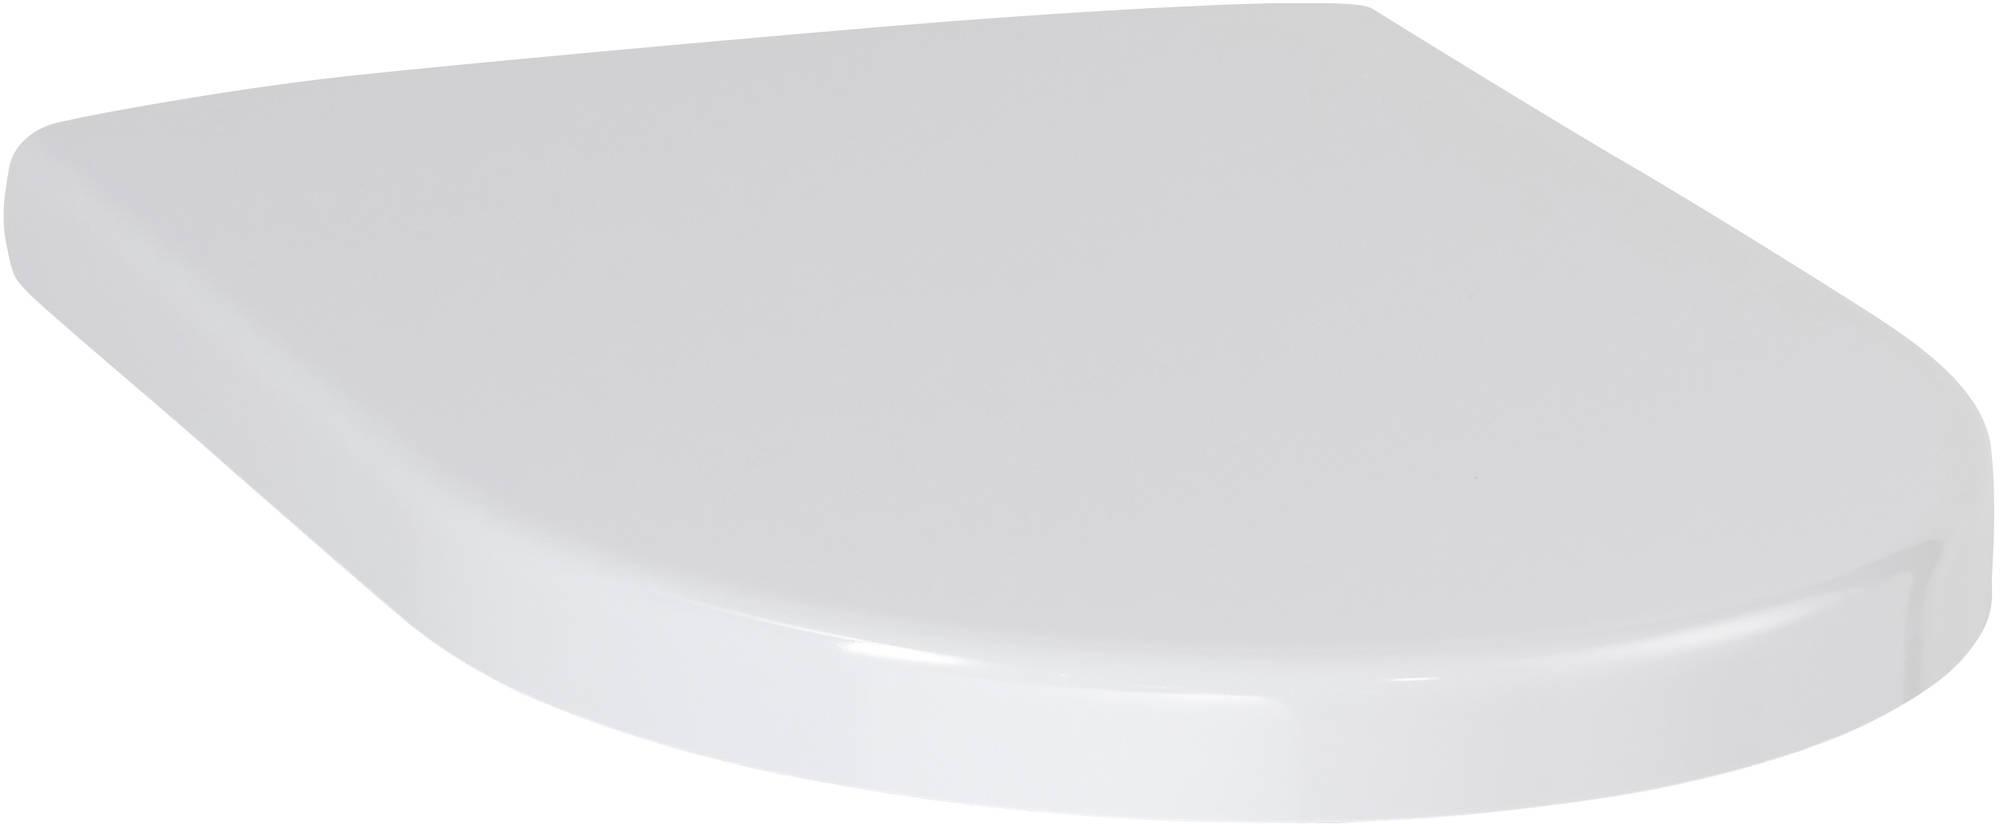 Toiletbril